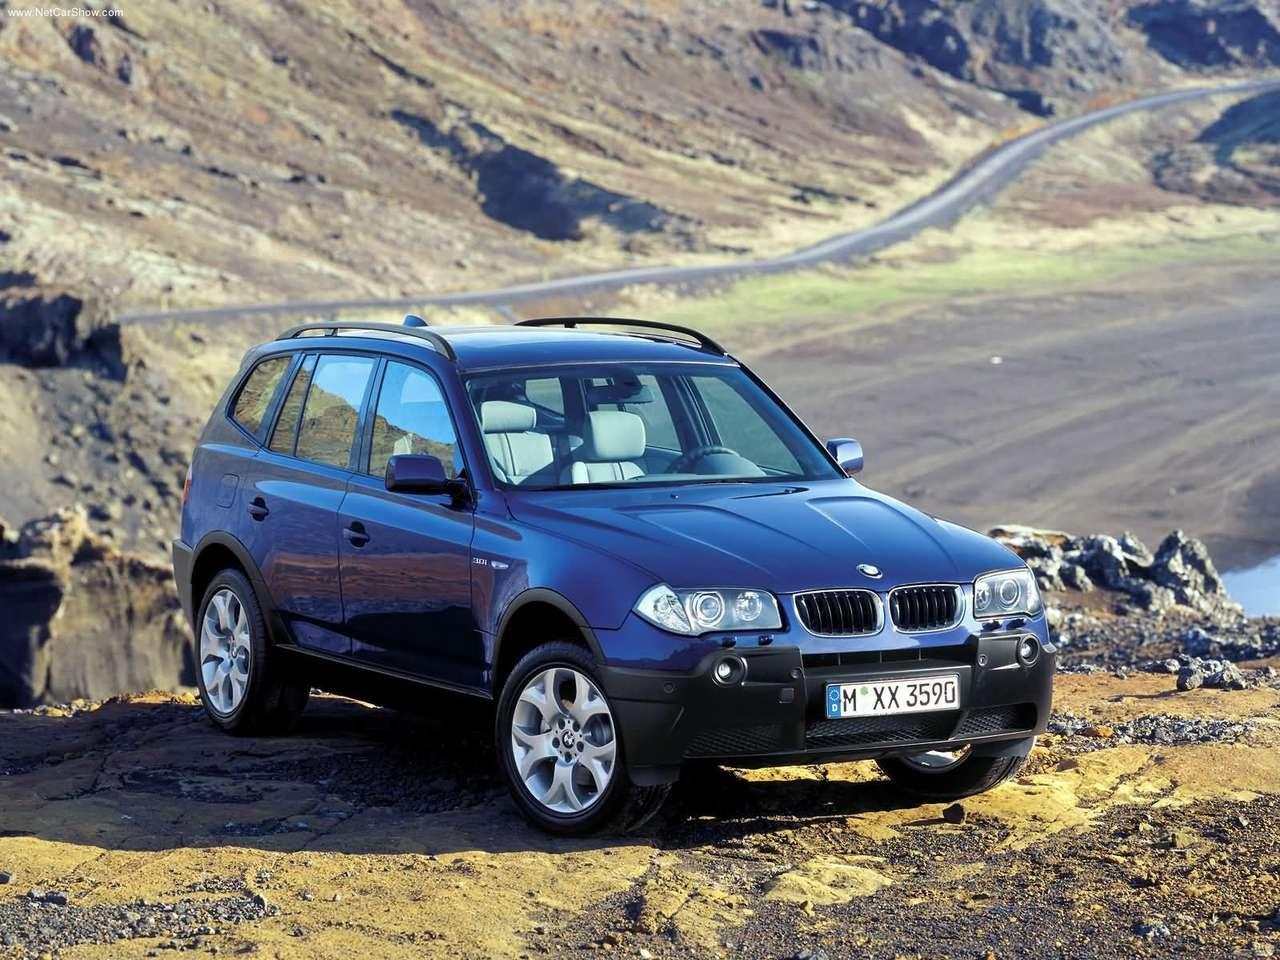 BMW - Auto twenty-first century: 2004 BMW X3 3.0i